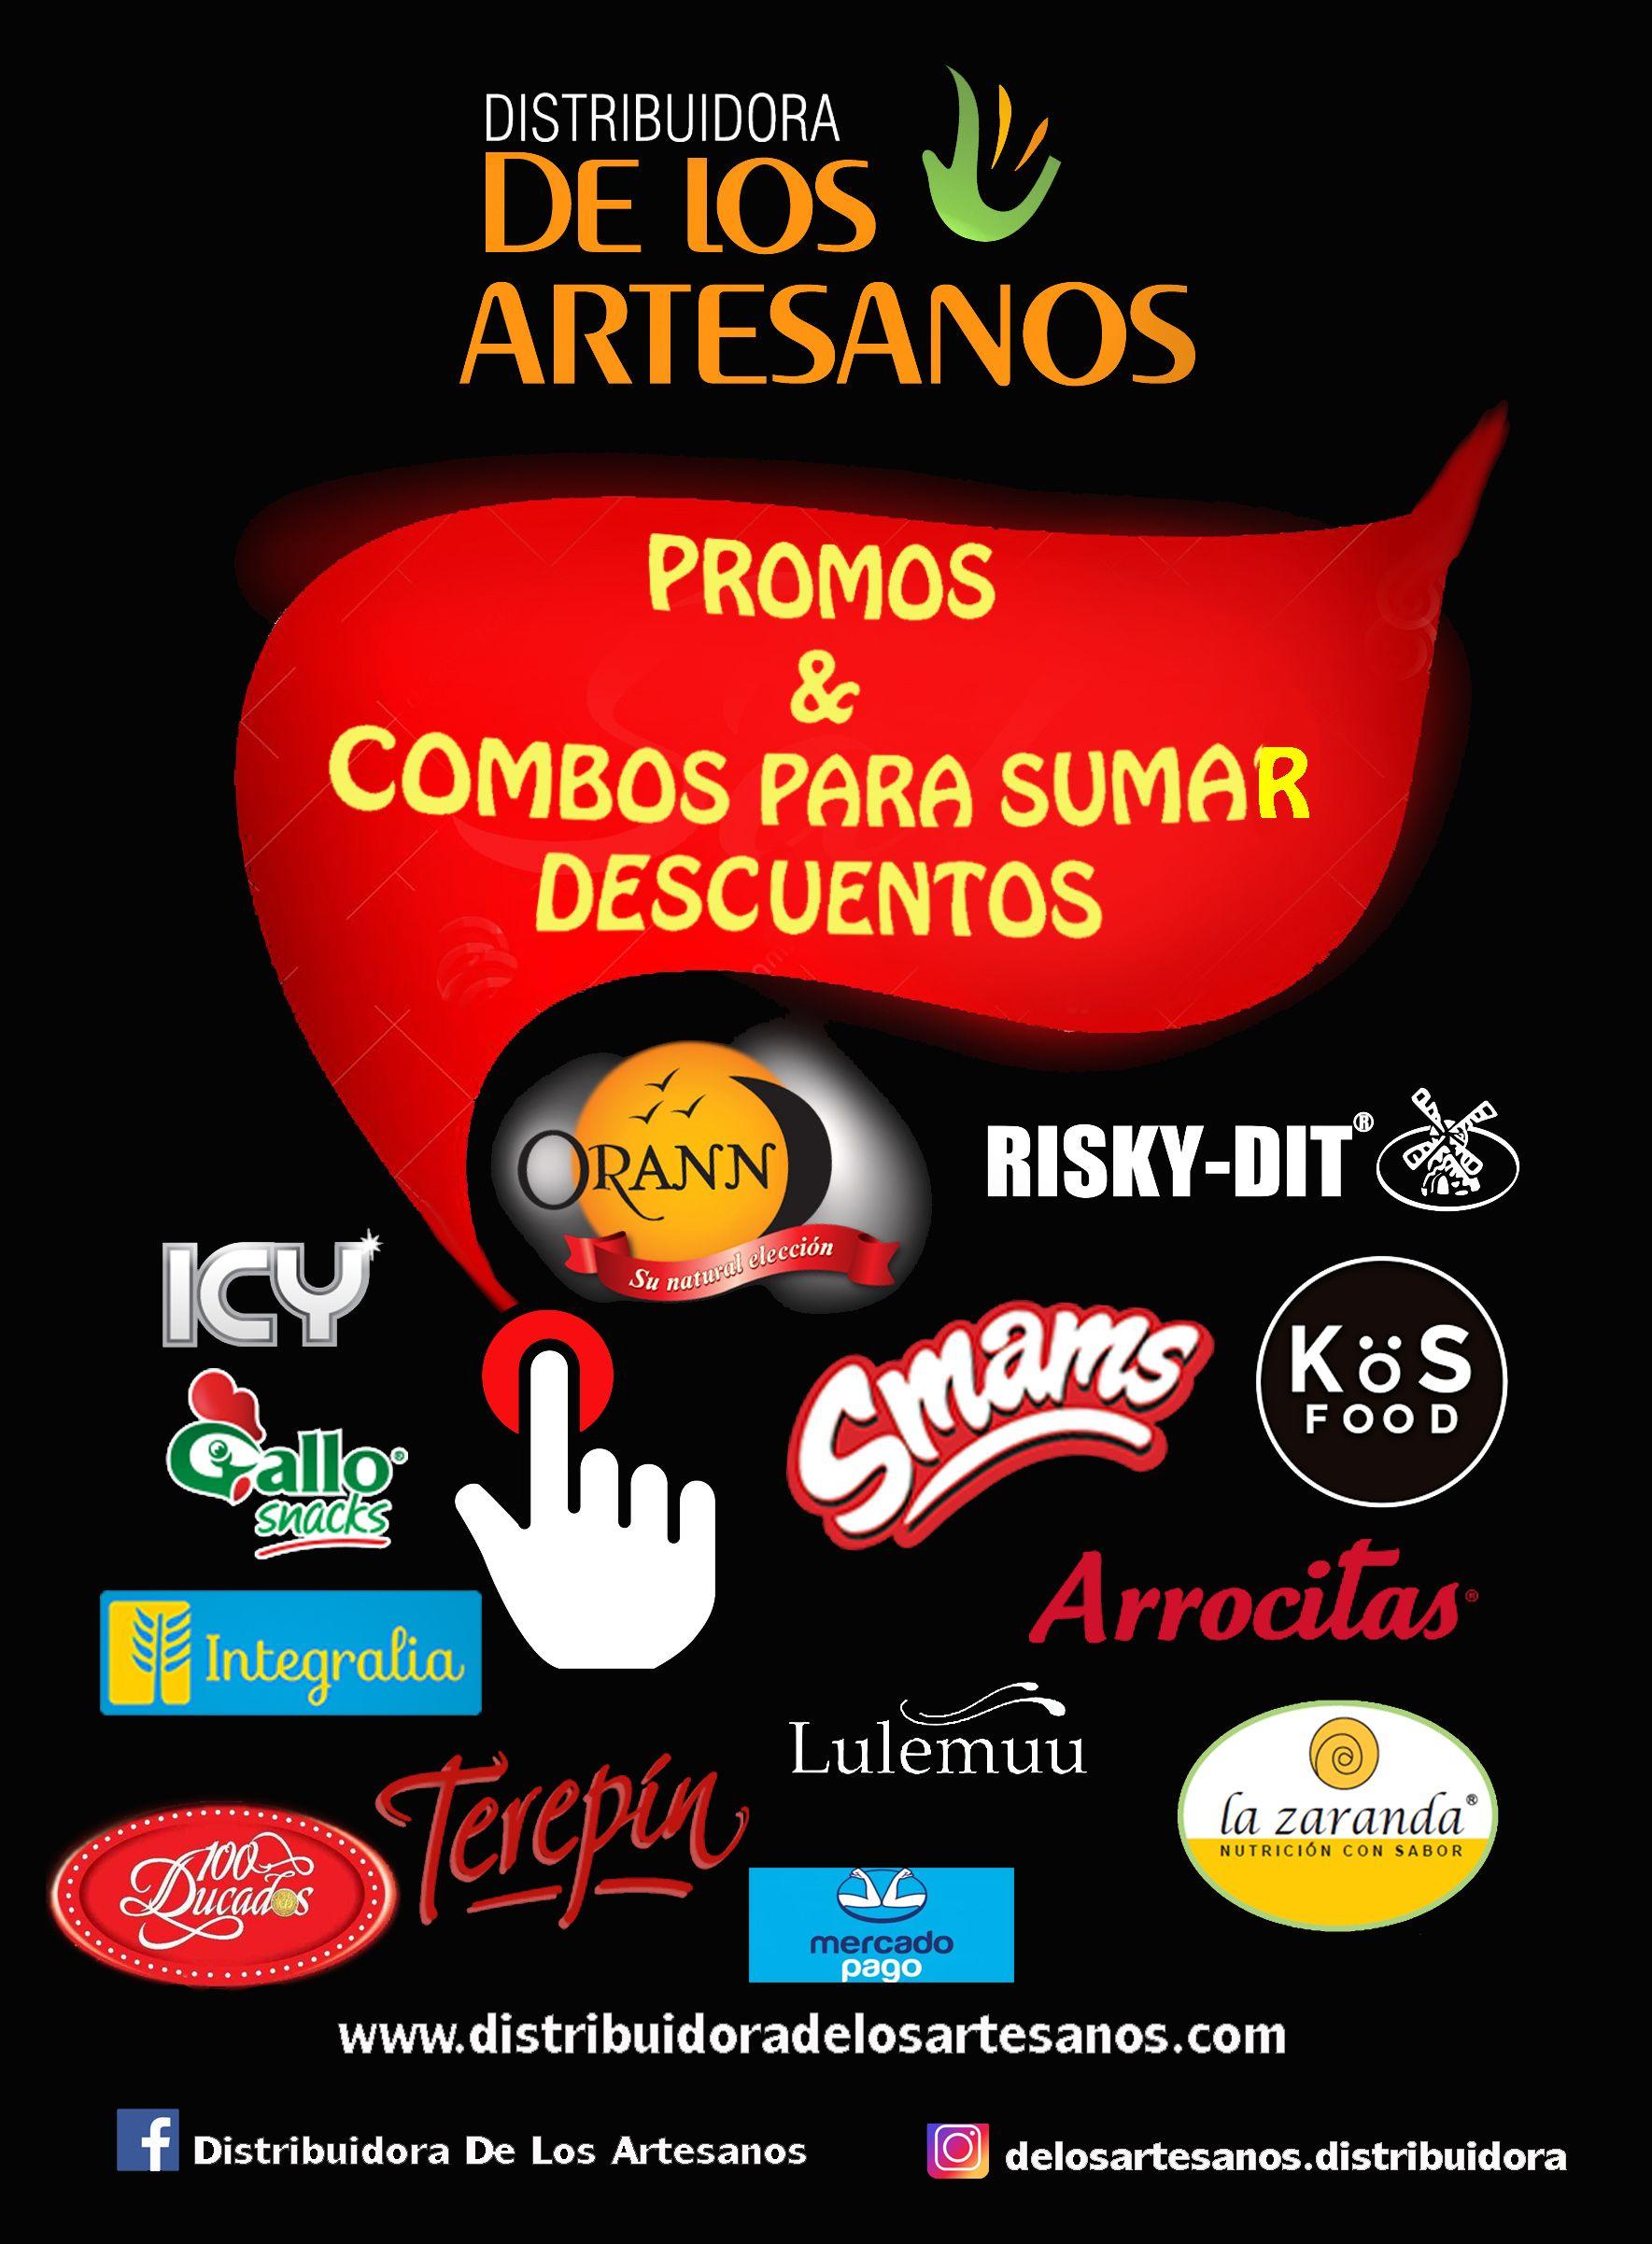 Distribuidora Por Mayor De Los Artesanos Promos Y Descuentos Contacto Artesanos Venta Al Por Mayor Distribuidor